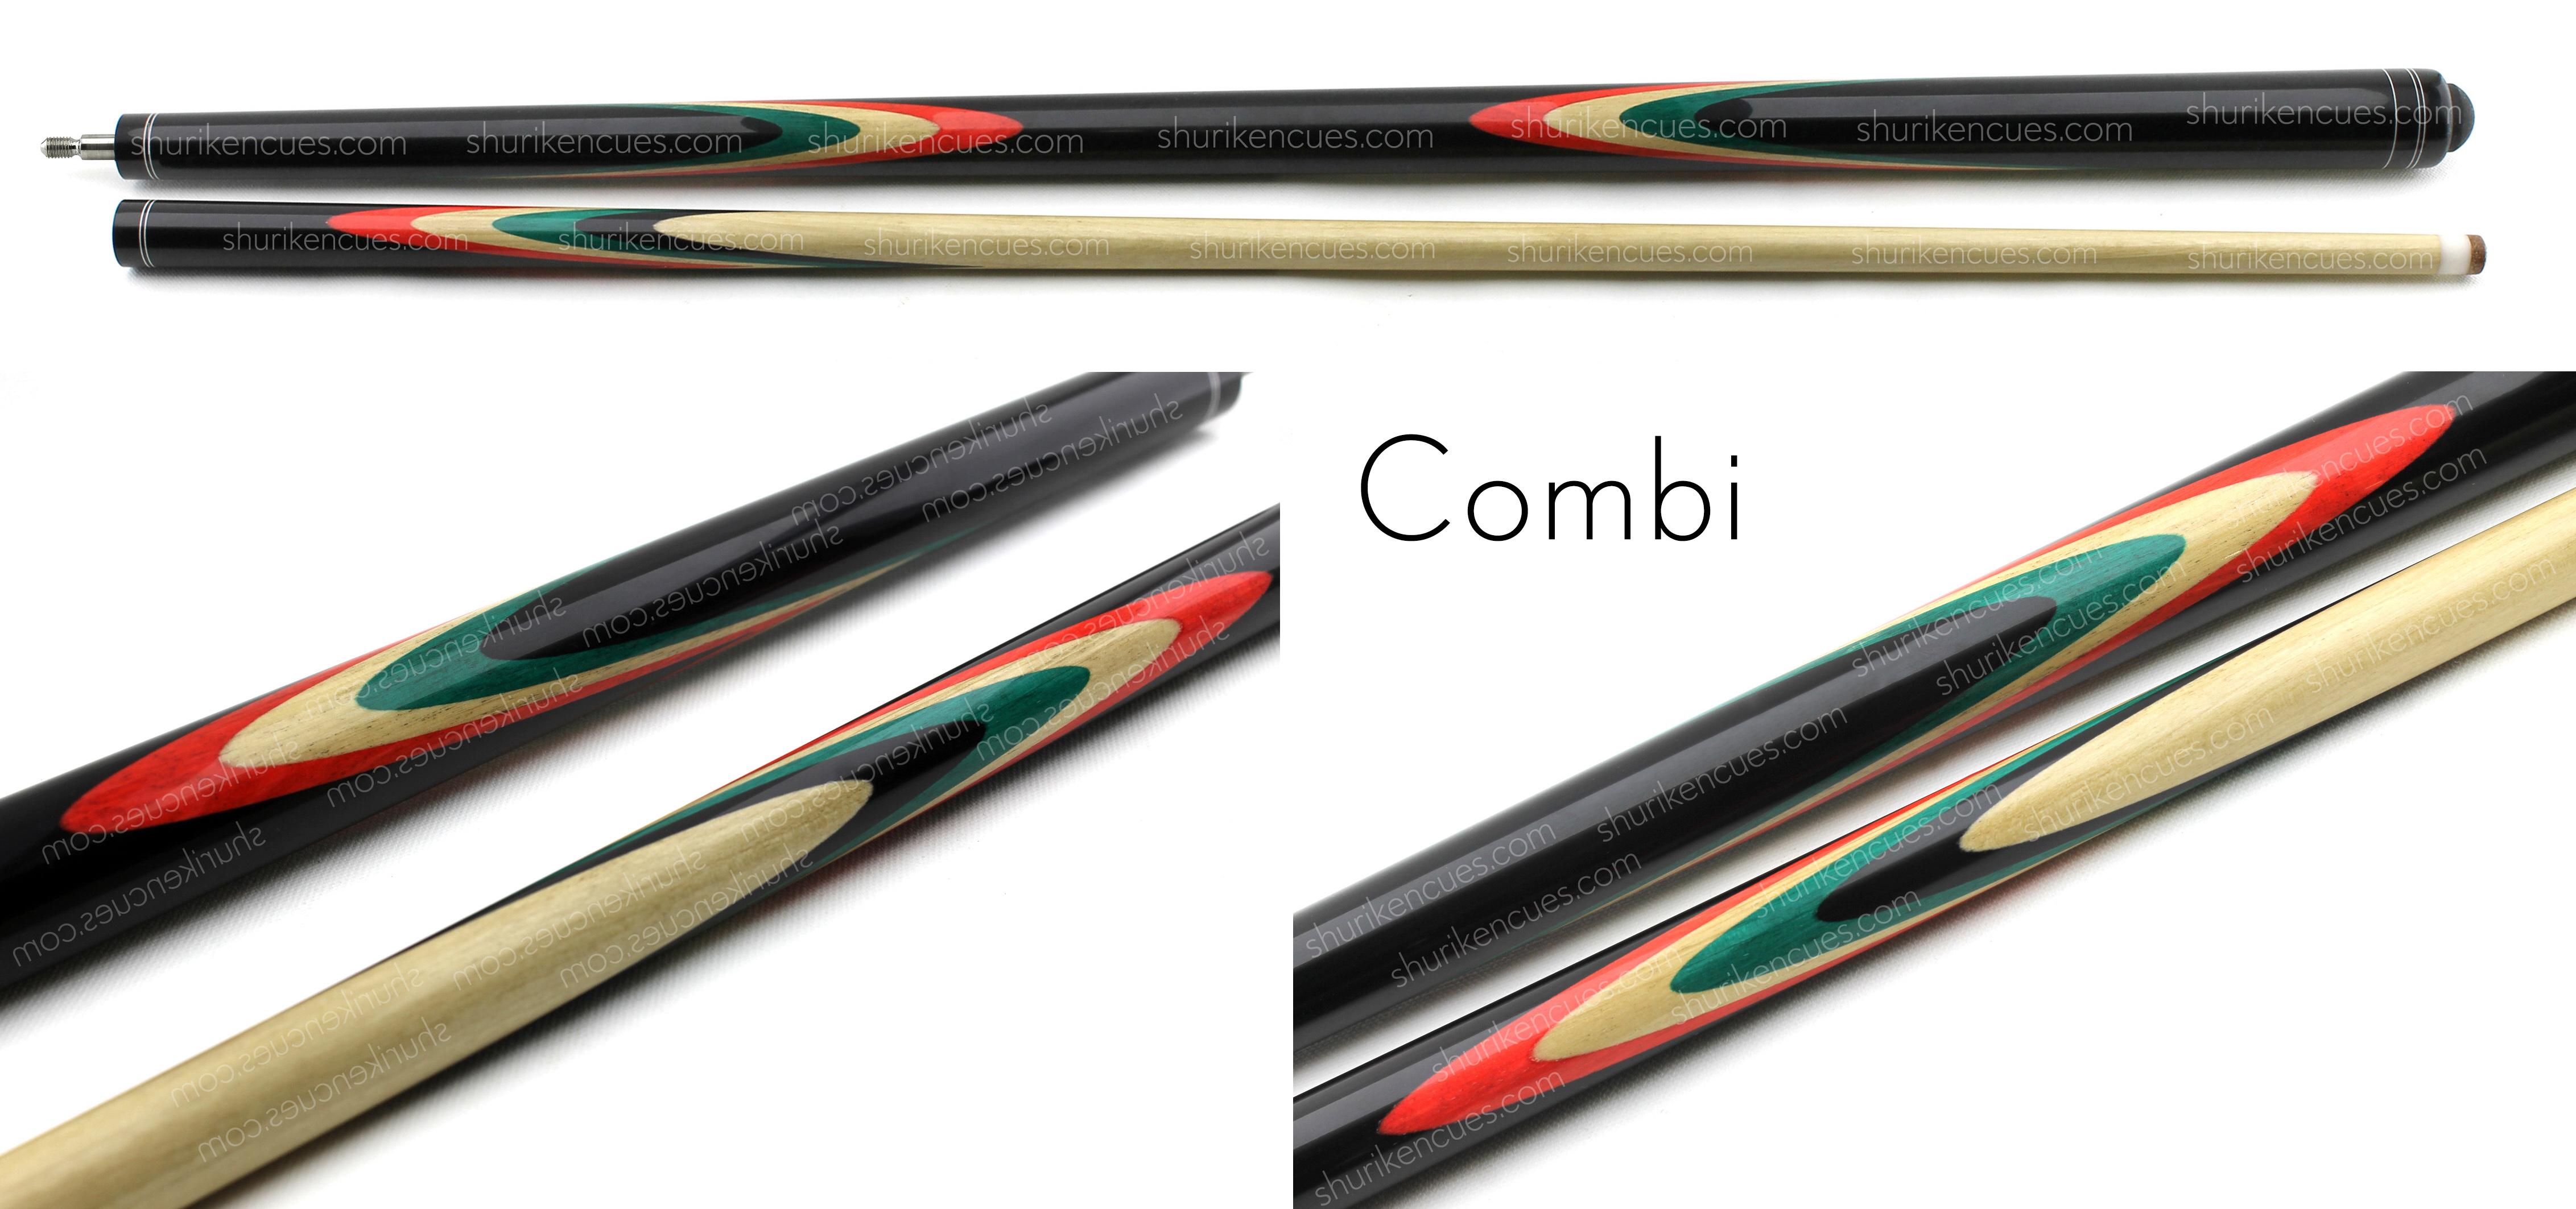 Title-1 combi italy colors cue italy cue italia cue pool cue italy fullsplice italy fullsplice italia custom cue italy pool cue